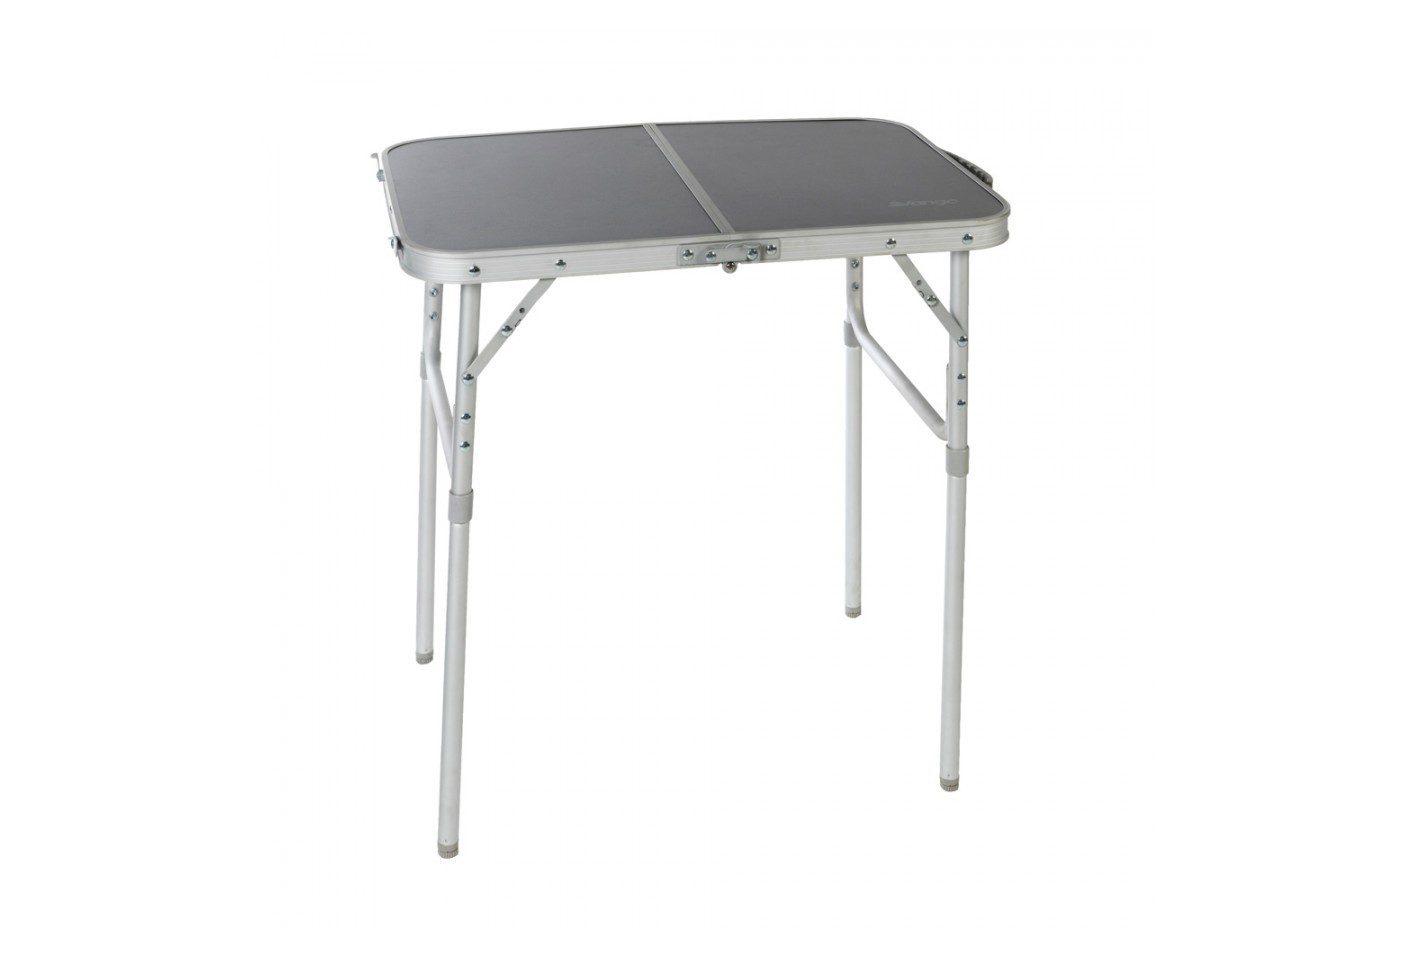 Vango Granite Duo Table